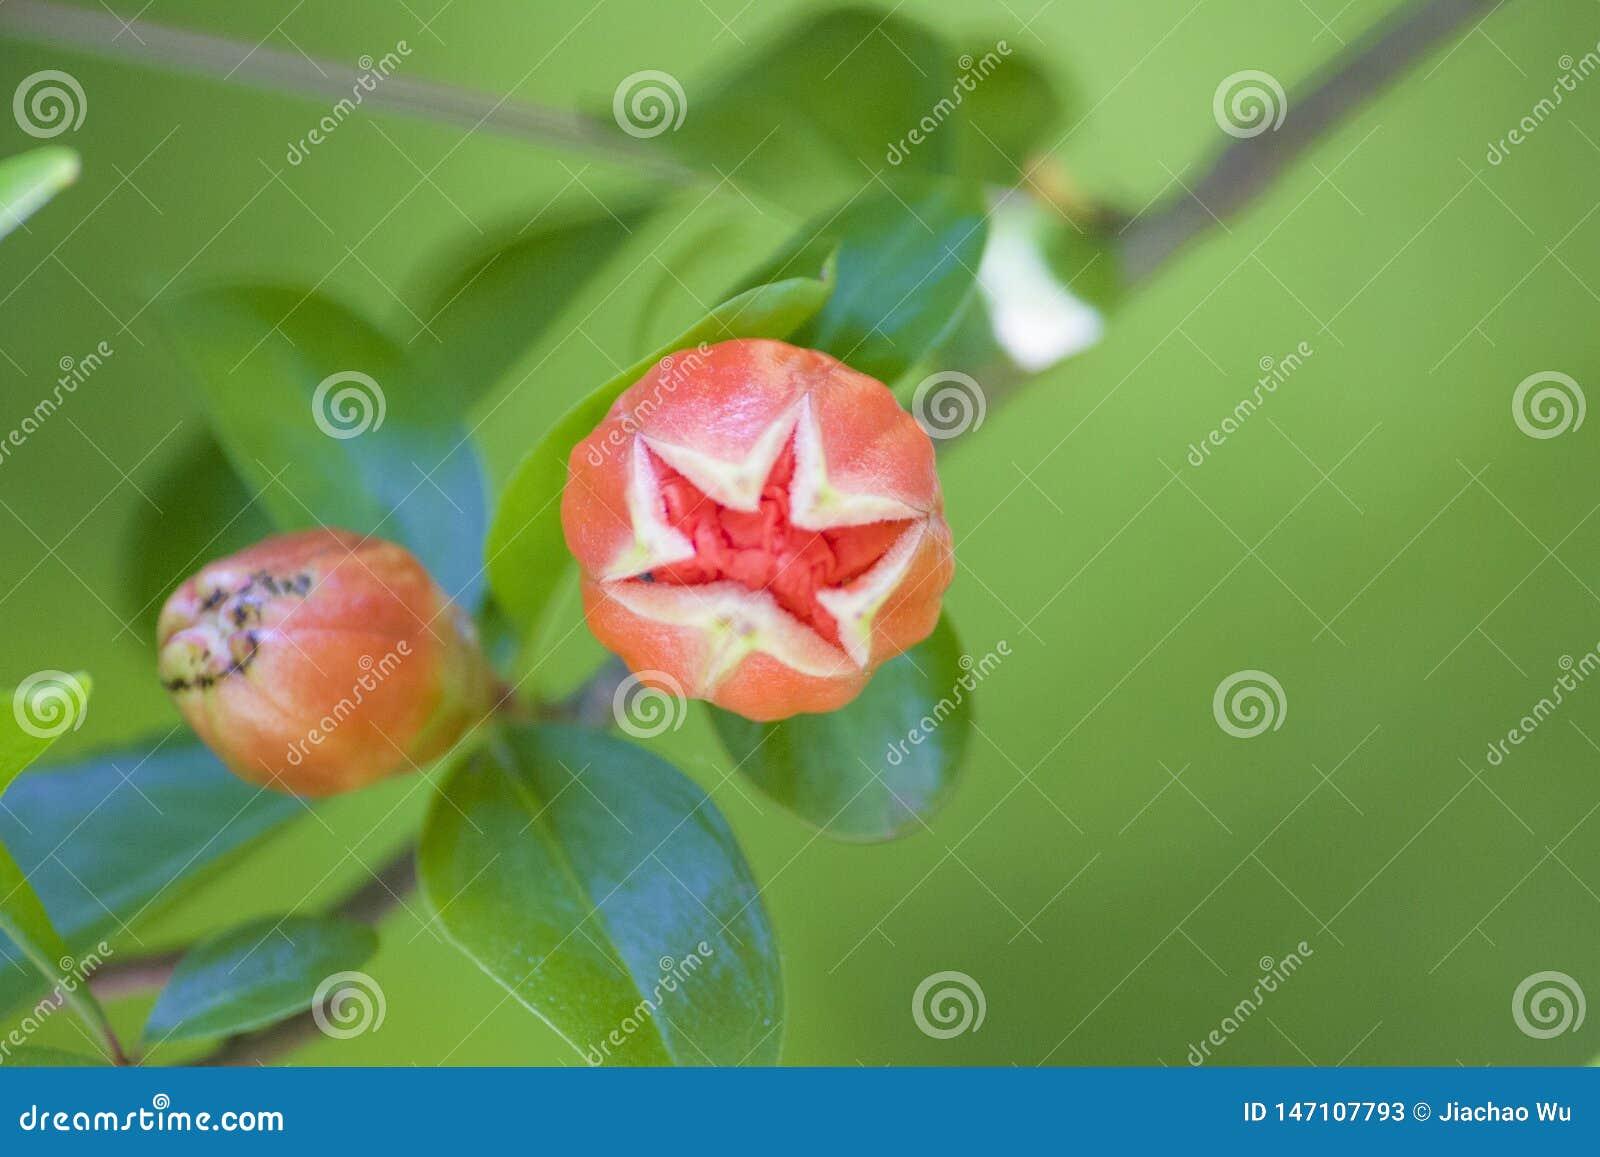 Den blommande granatäppleblomman slår ut in i en växtblomma